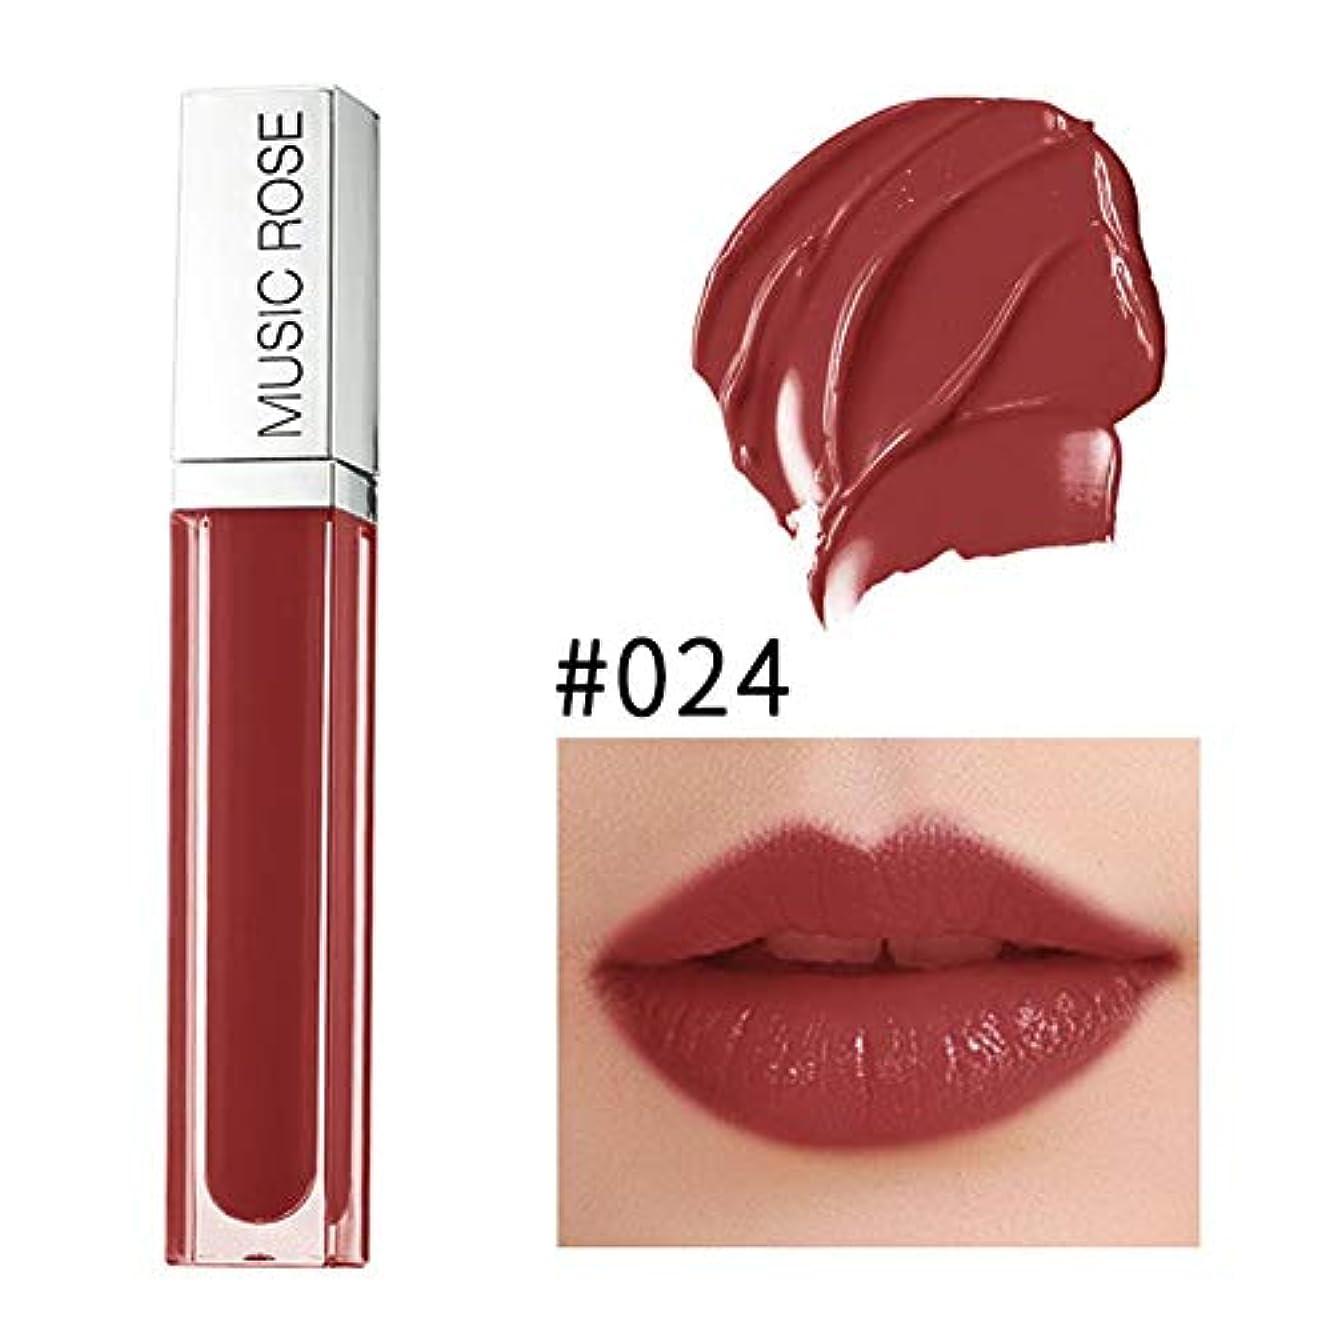 ジャグリングオンポットマットリップグレーズ、口紅、化粧品、ラウンド、便利、丈夫、保湿、保護、唇の美しさ、多色